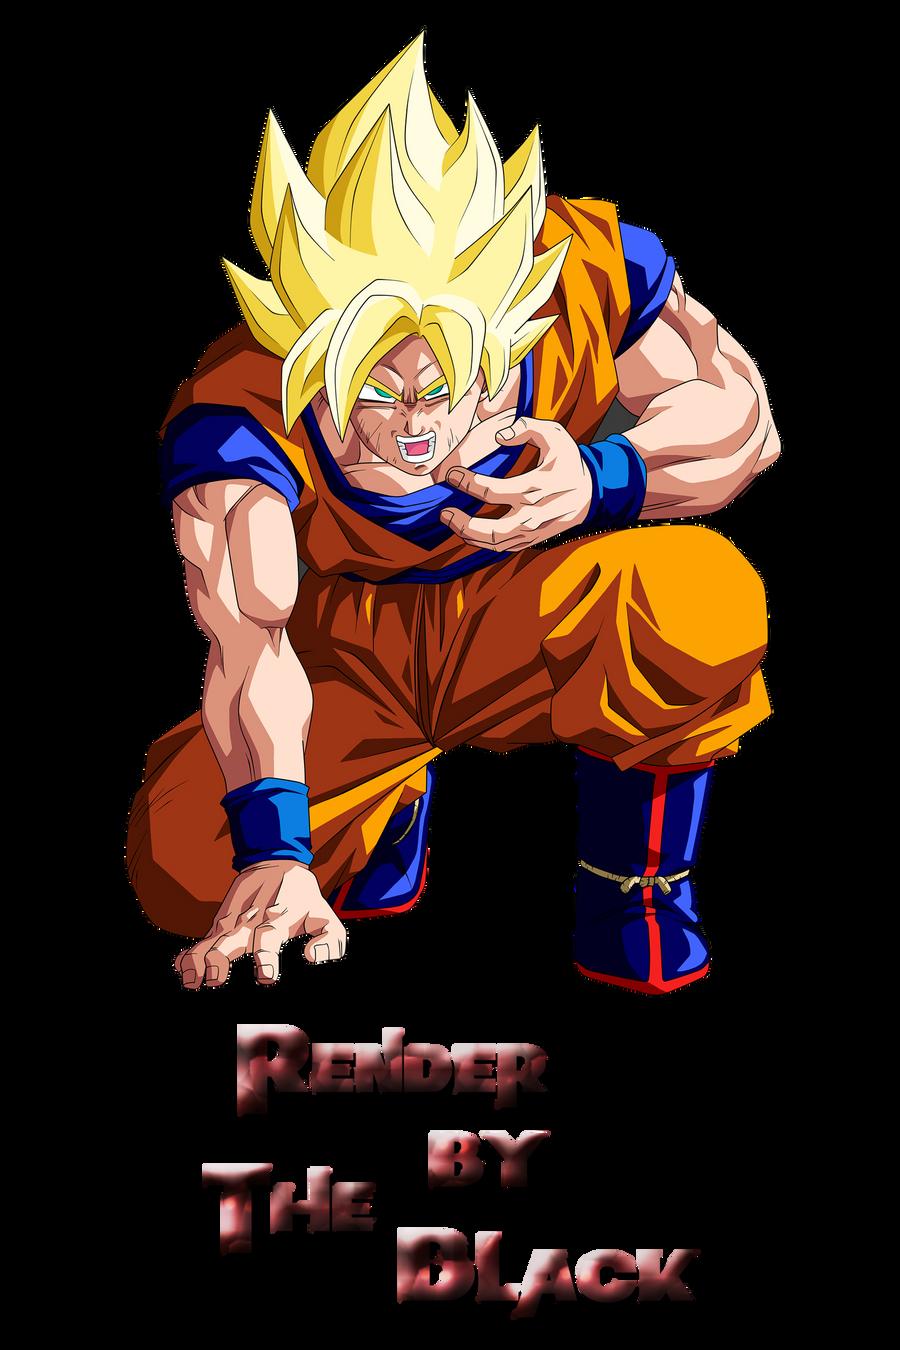 Displaying 17u0026gt; Images For - Dbz Goku Ssj4 Kamehameha...